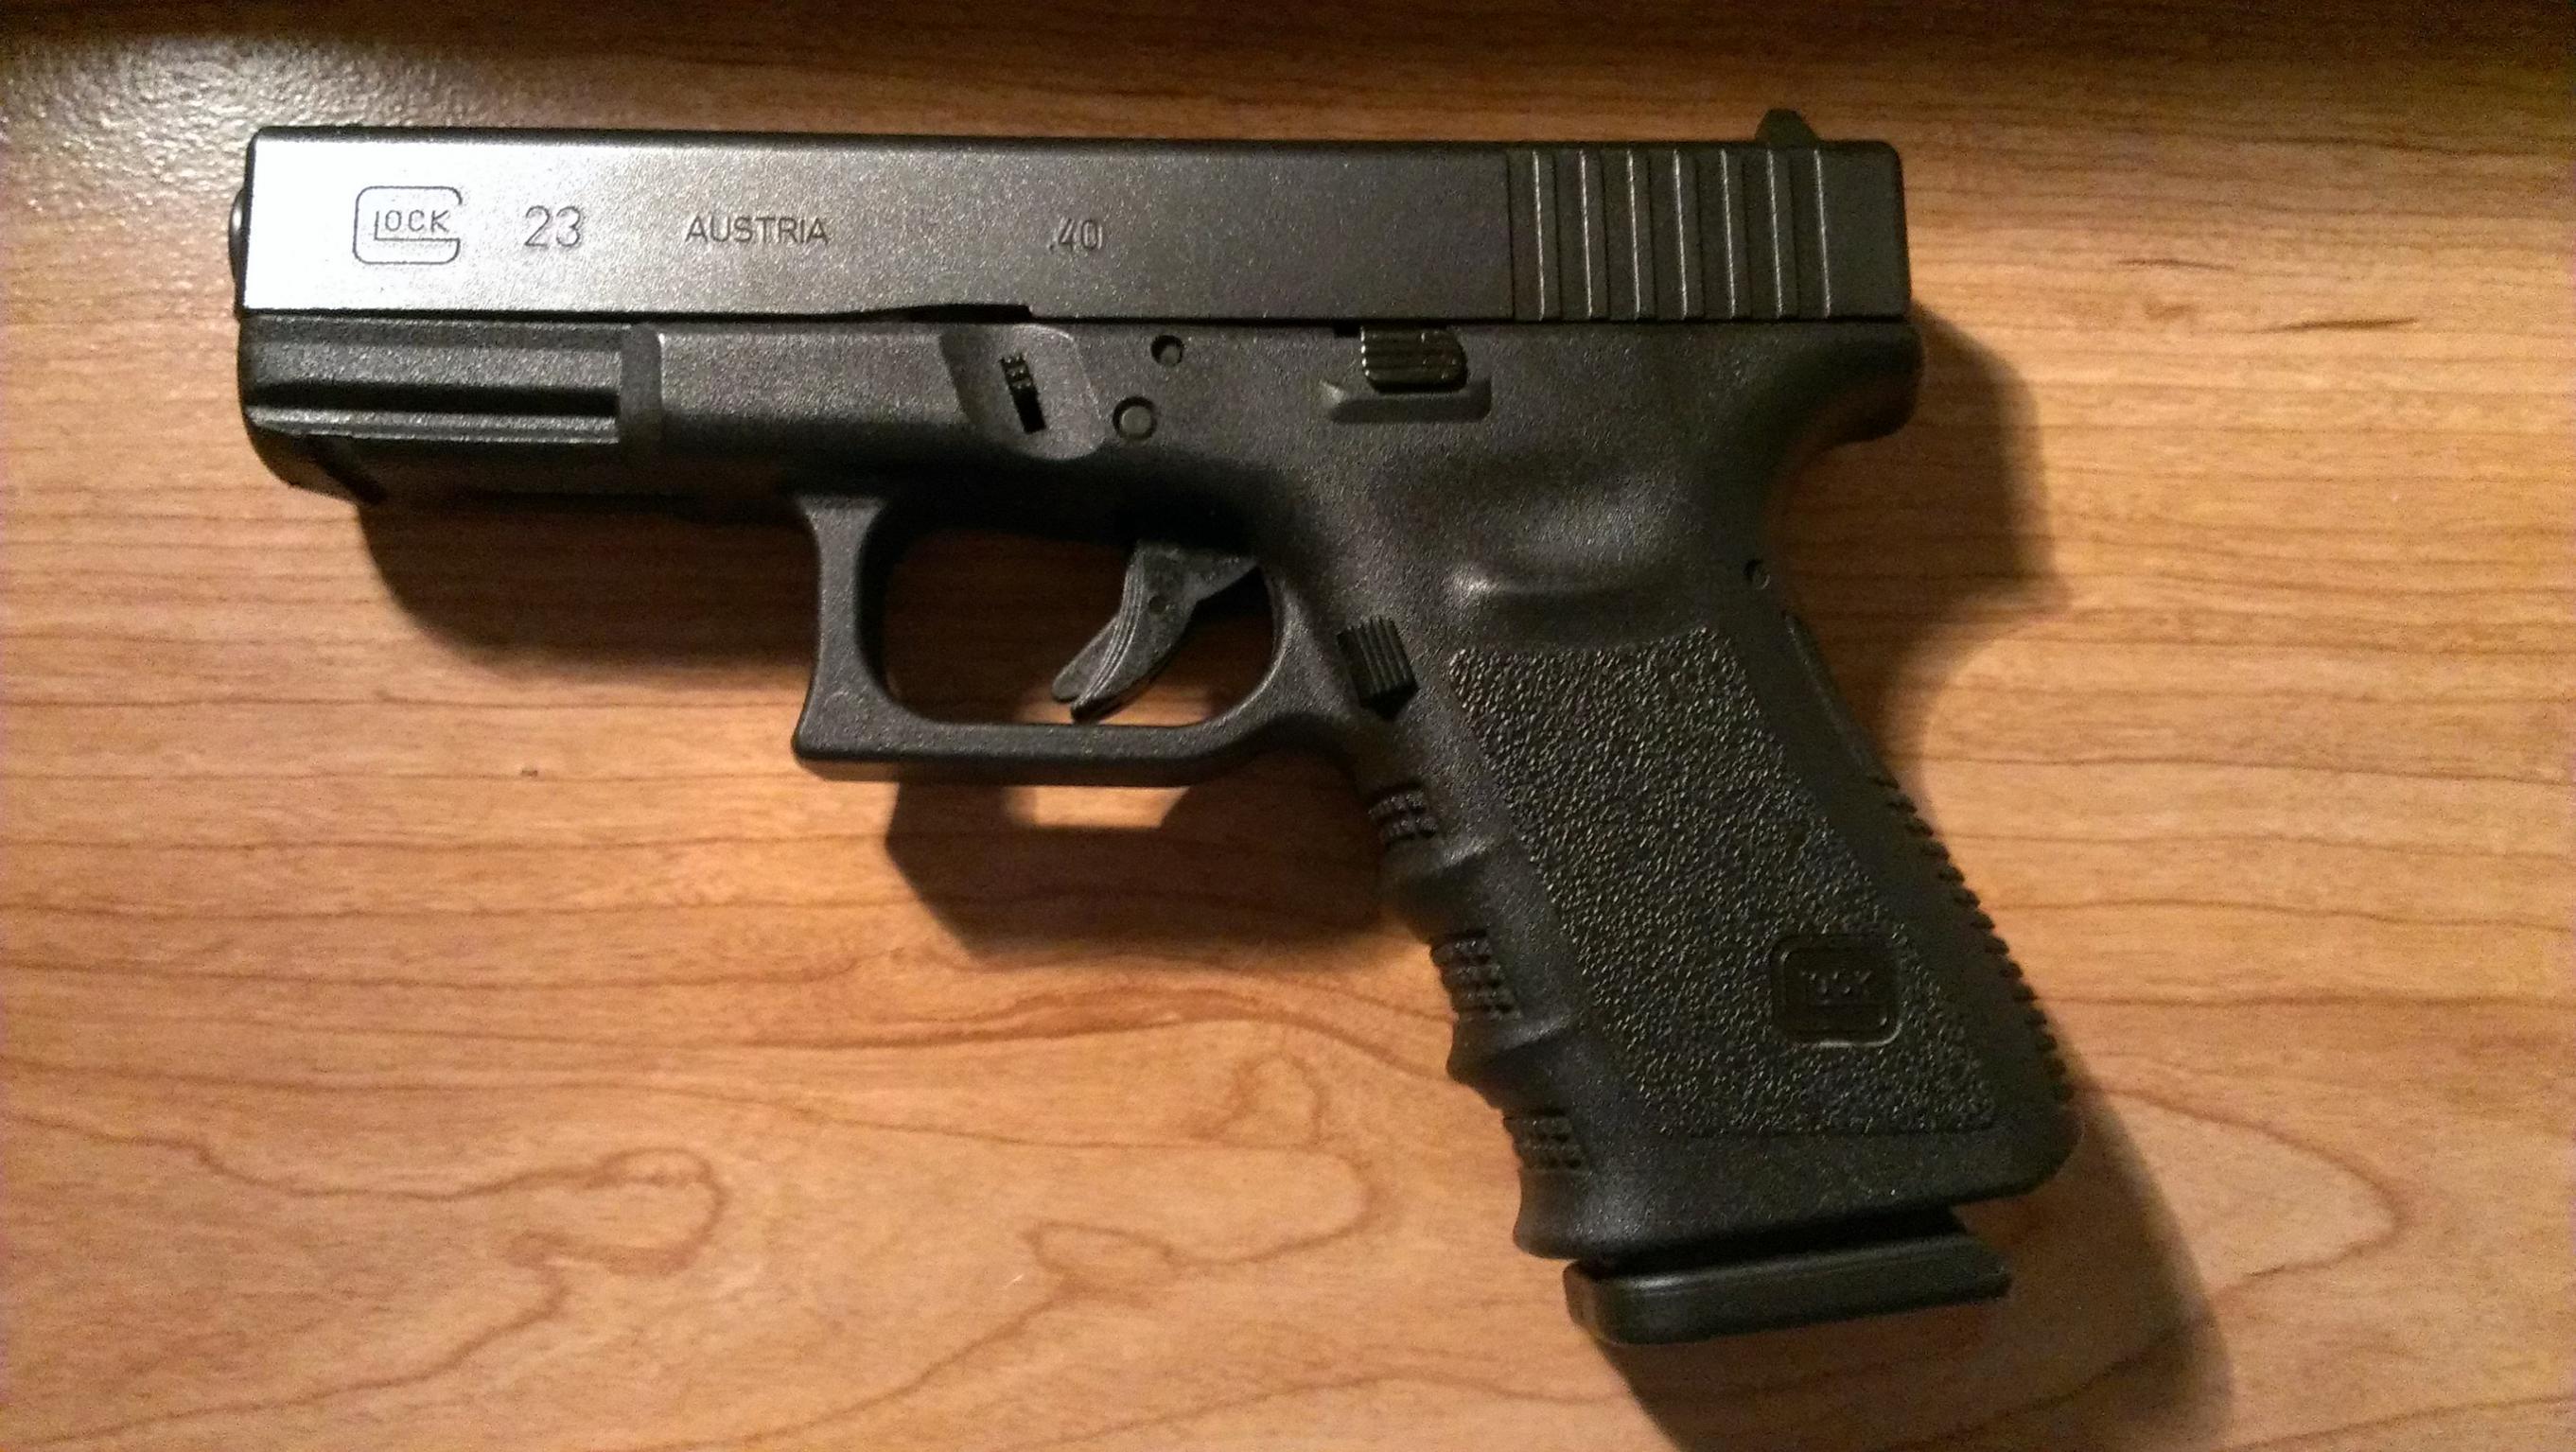 My Glock 19 became a Glock 23-glock-23.jpg